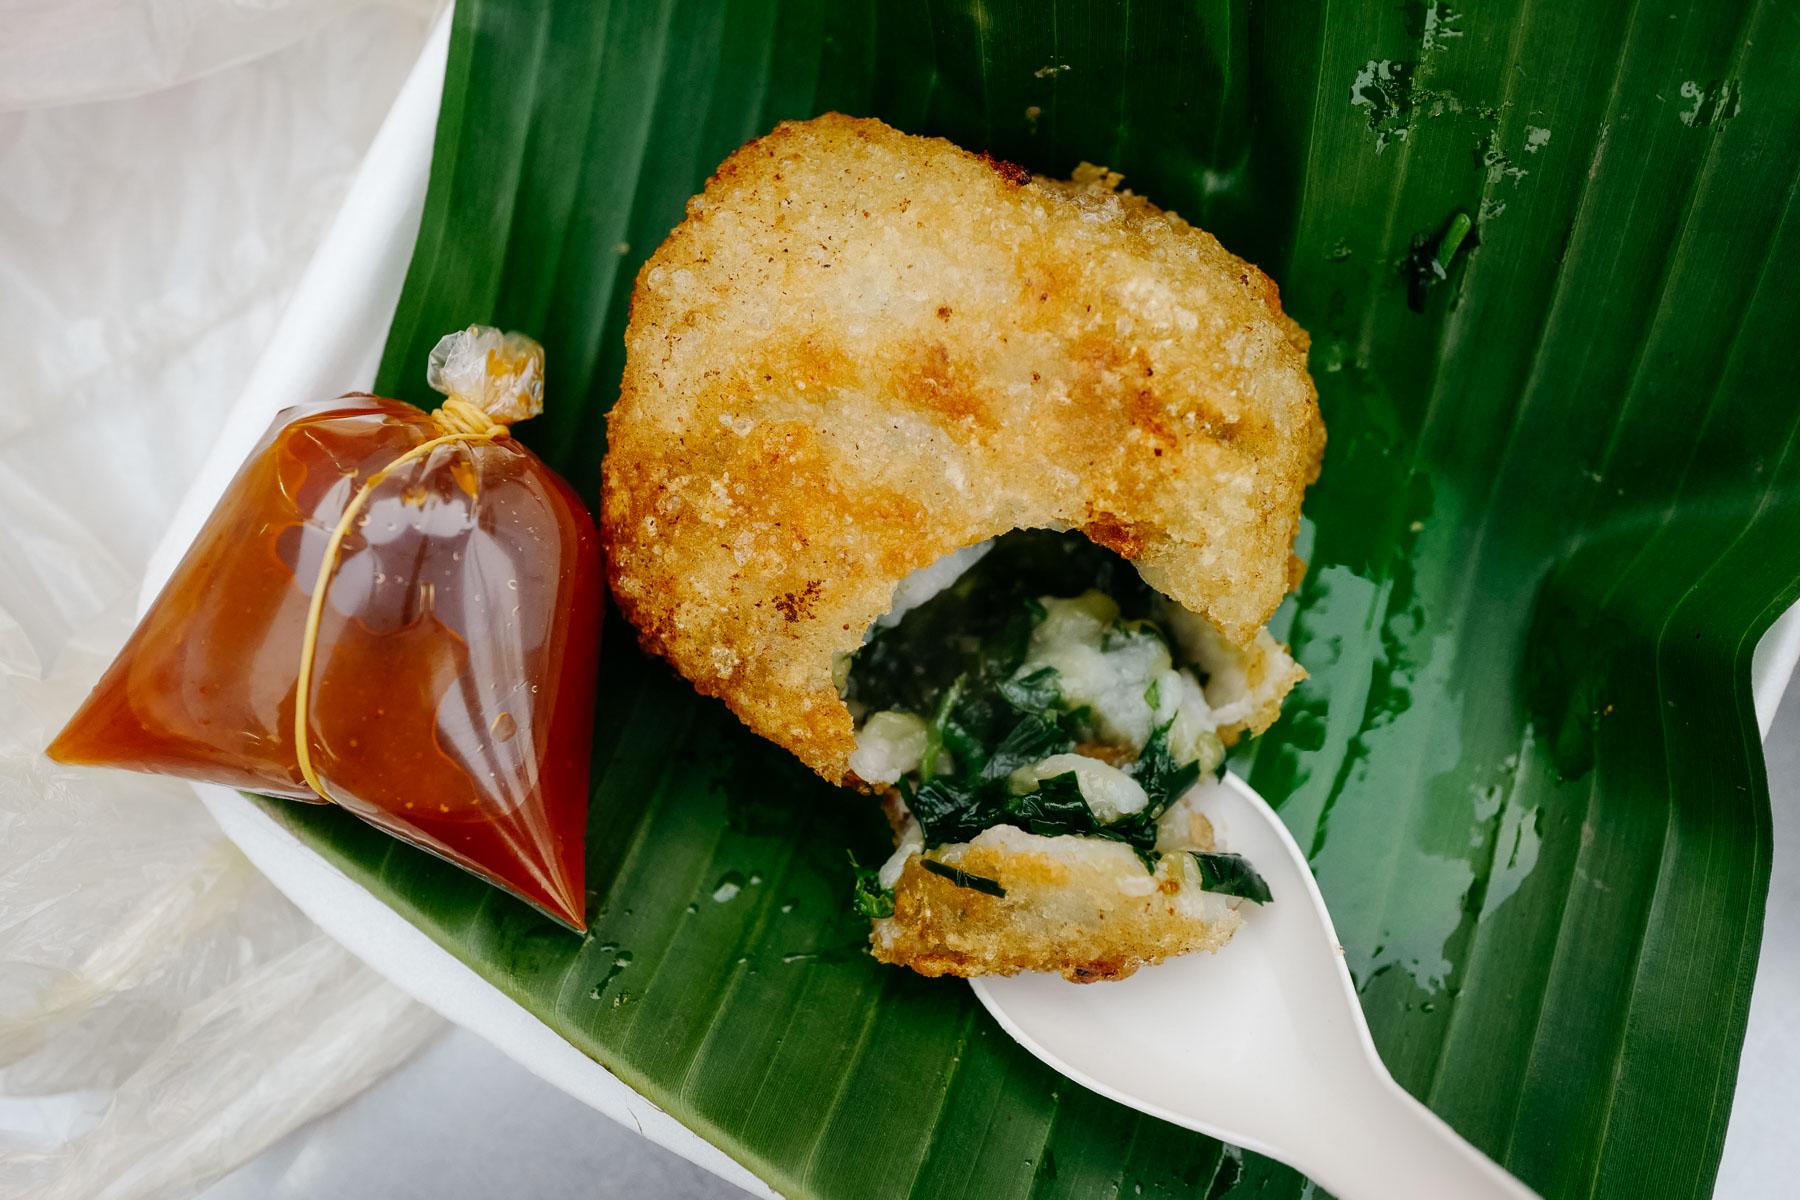 Smażone ciastka ryżowe ze szczypiorkiem (nom ka chay, នំកាឆាយមូល)